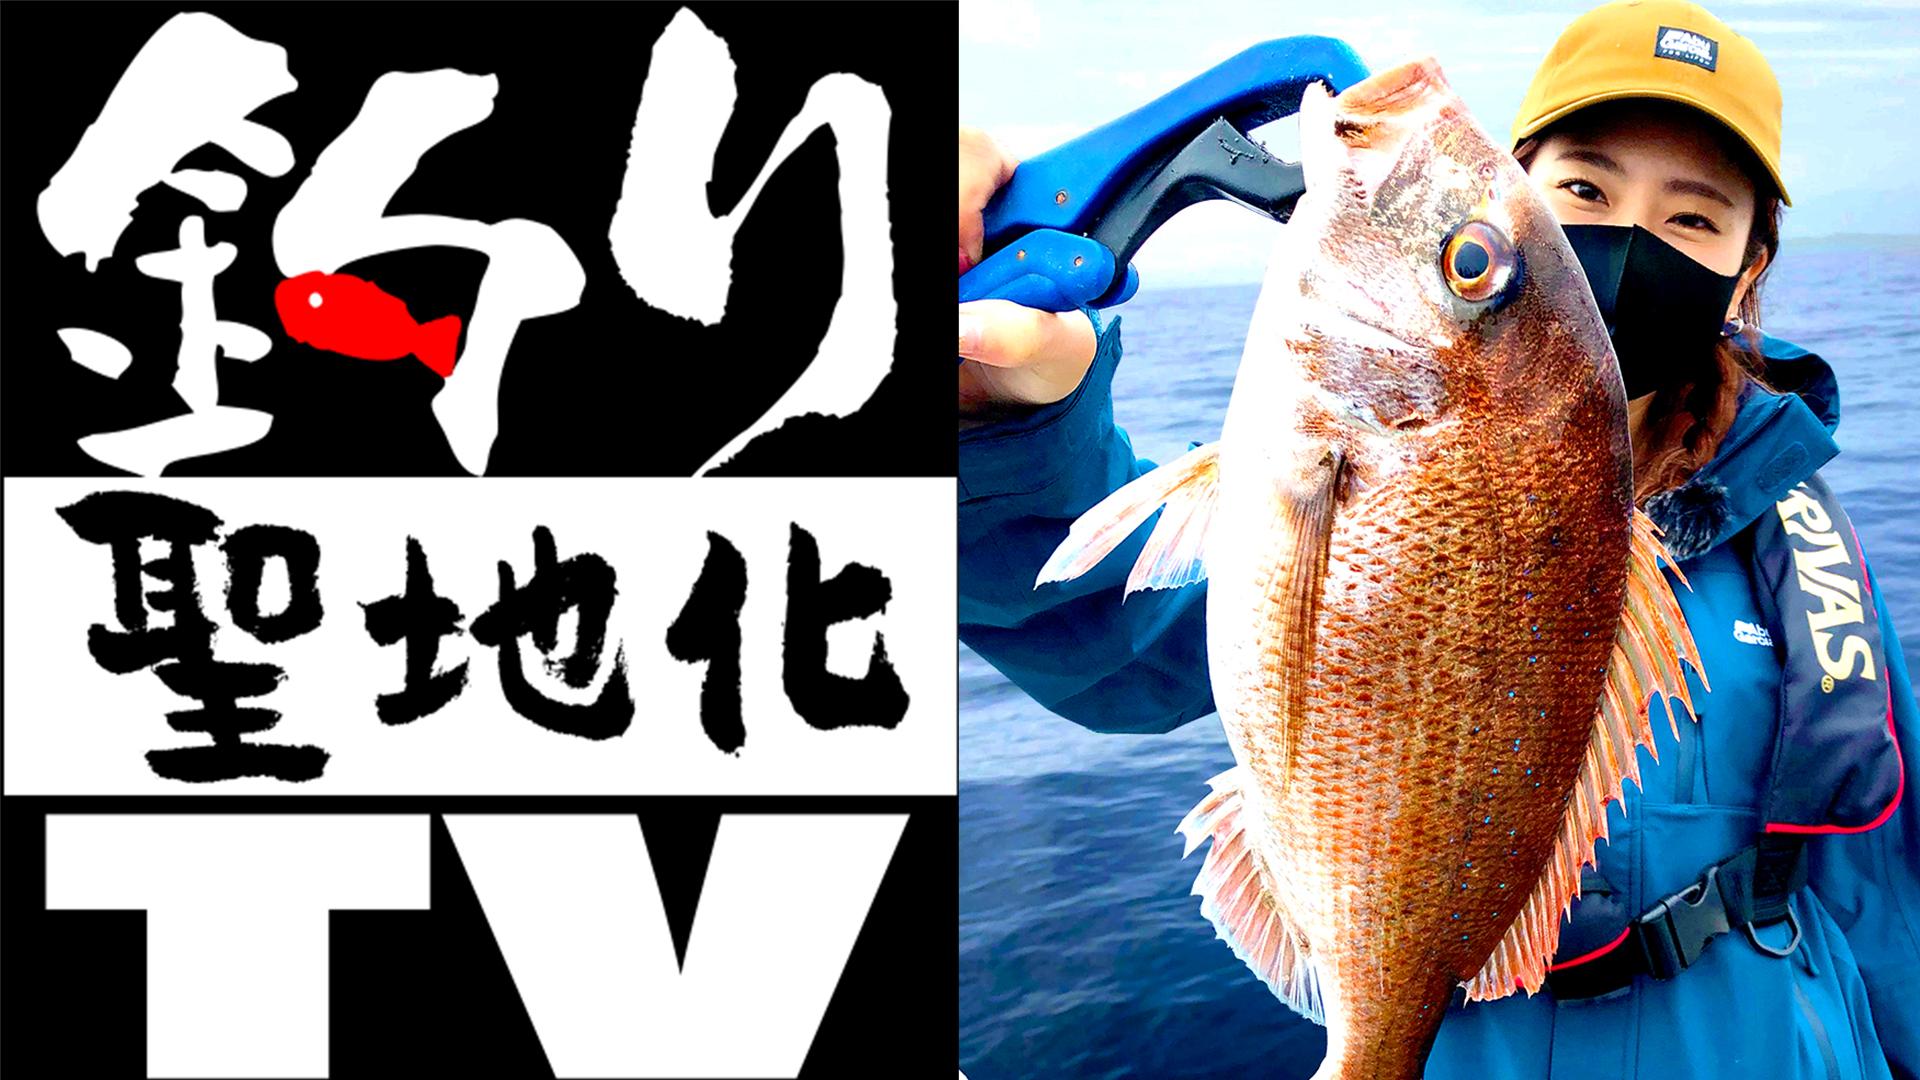 前代未聞!?の壮大なテーマを掲げた釣りバラエティ「釣り聖地化TV」が4月24日(土)より放送開始